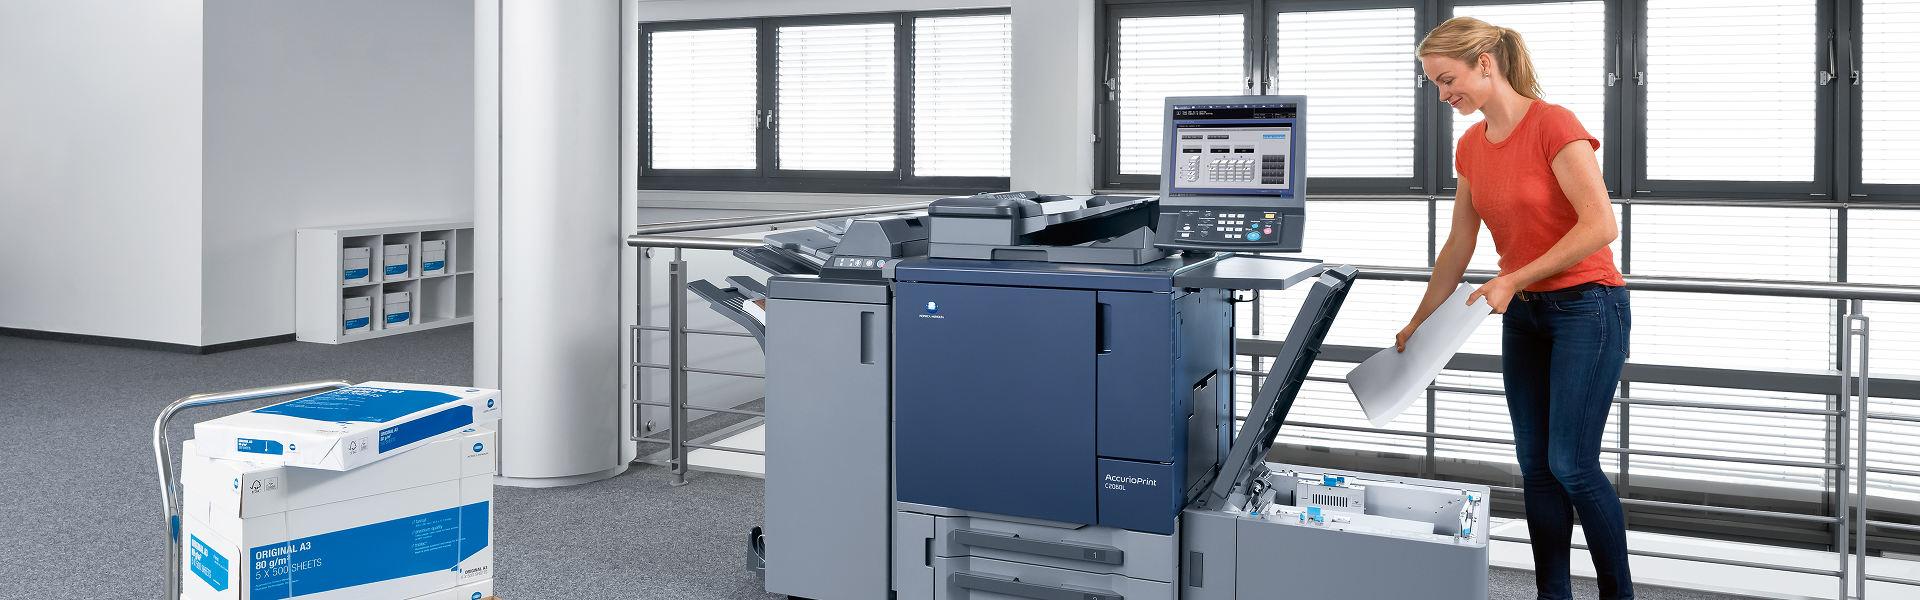 Prodej produkčních tiskáren: